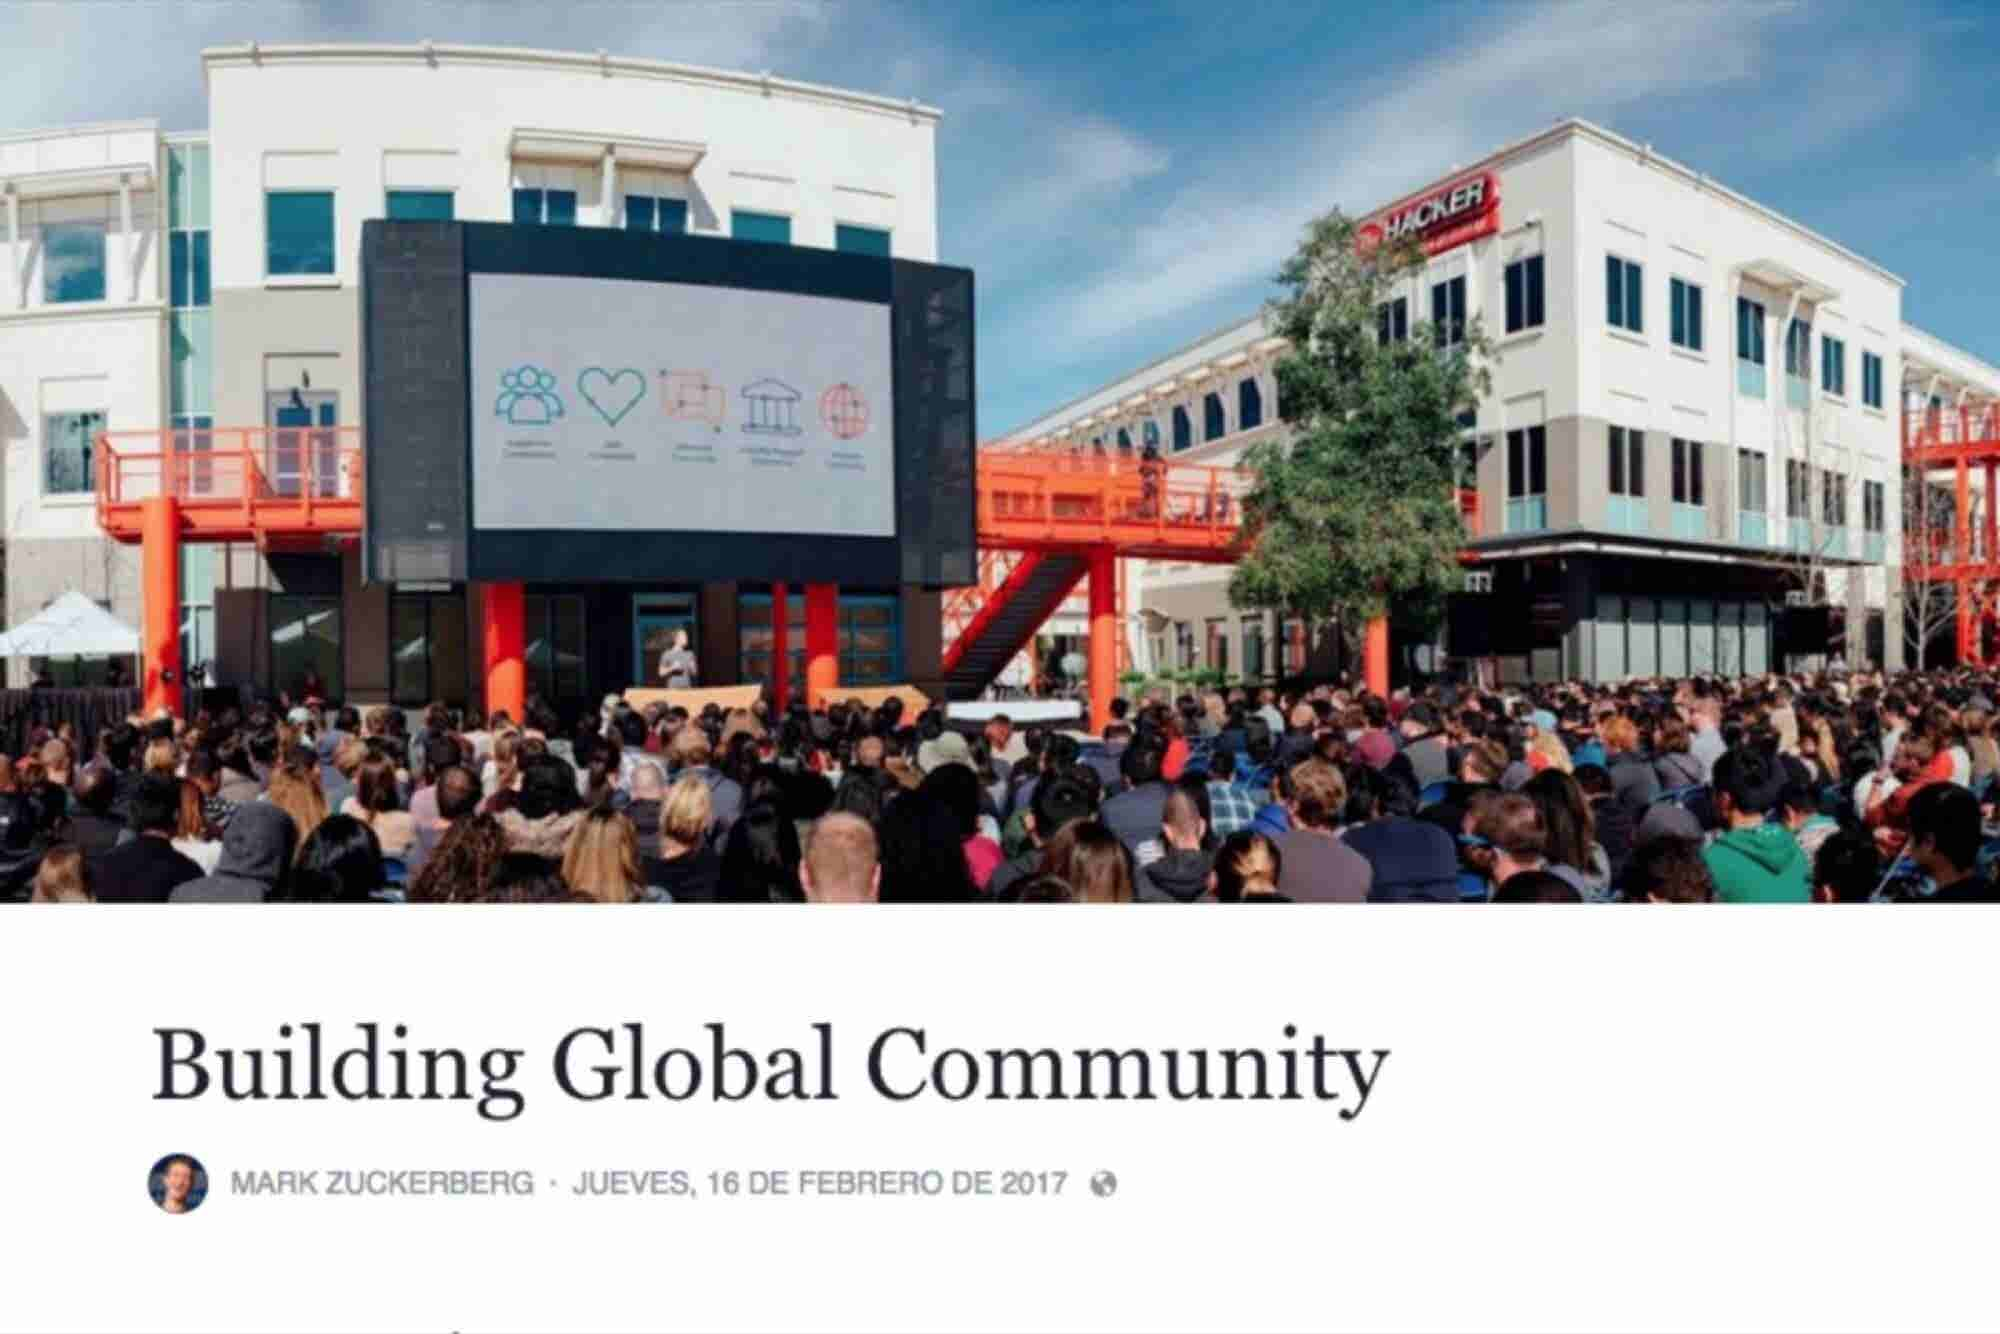 Los 5 puntos que propone Facebook para construir el mundo que queremos